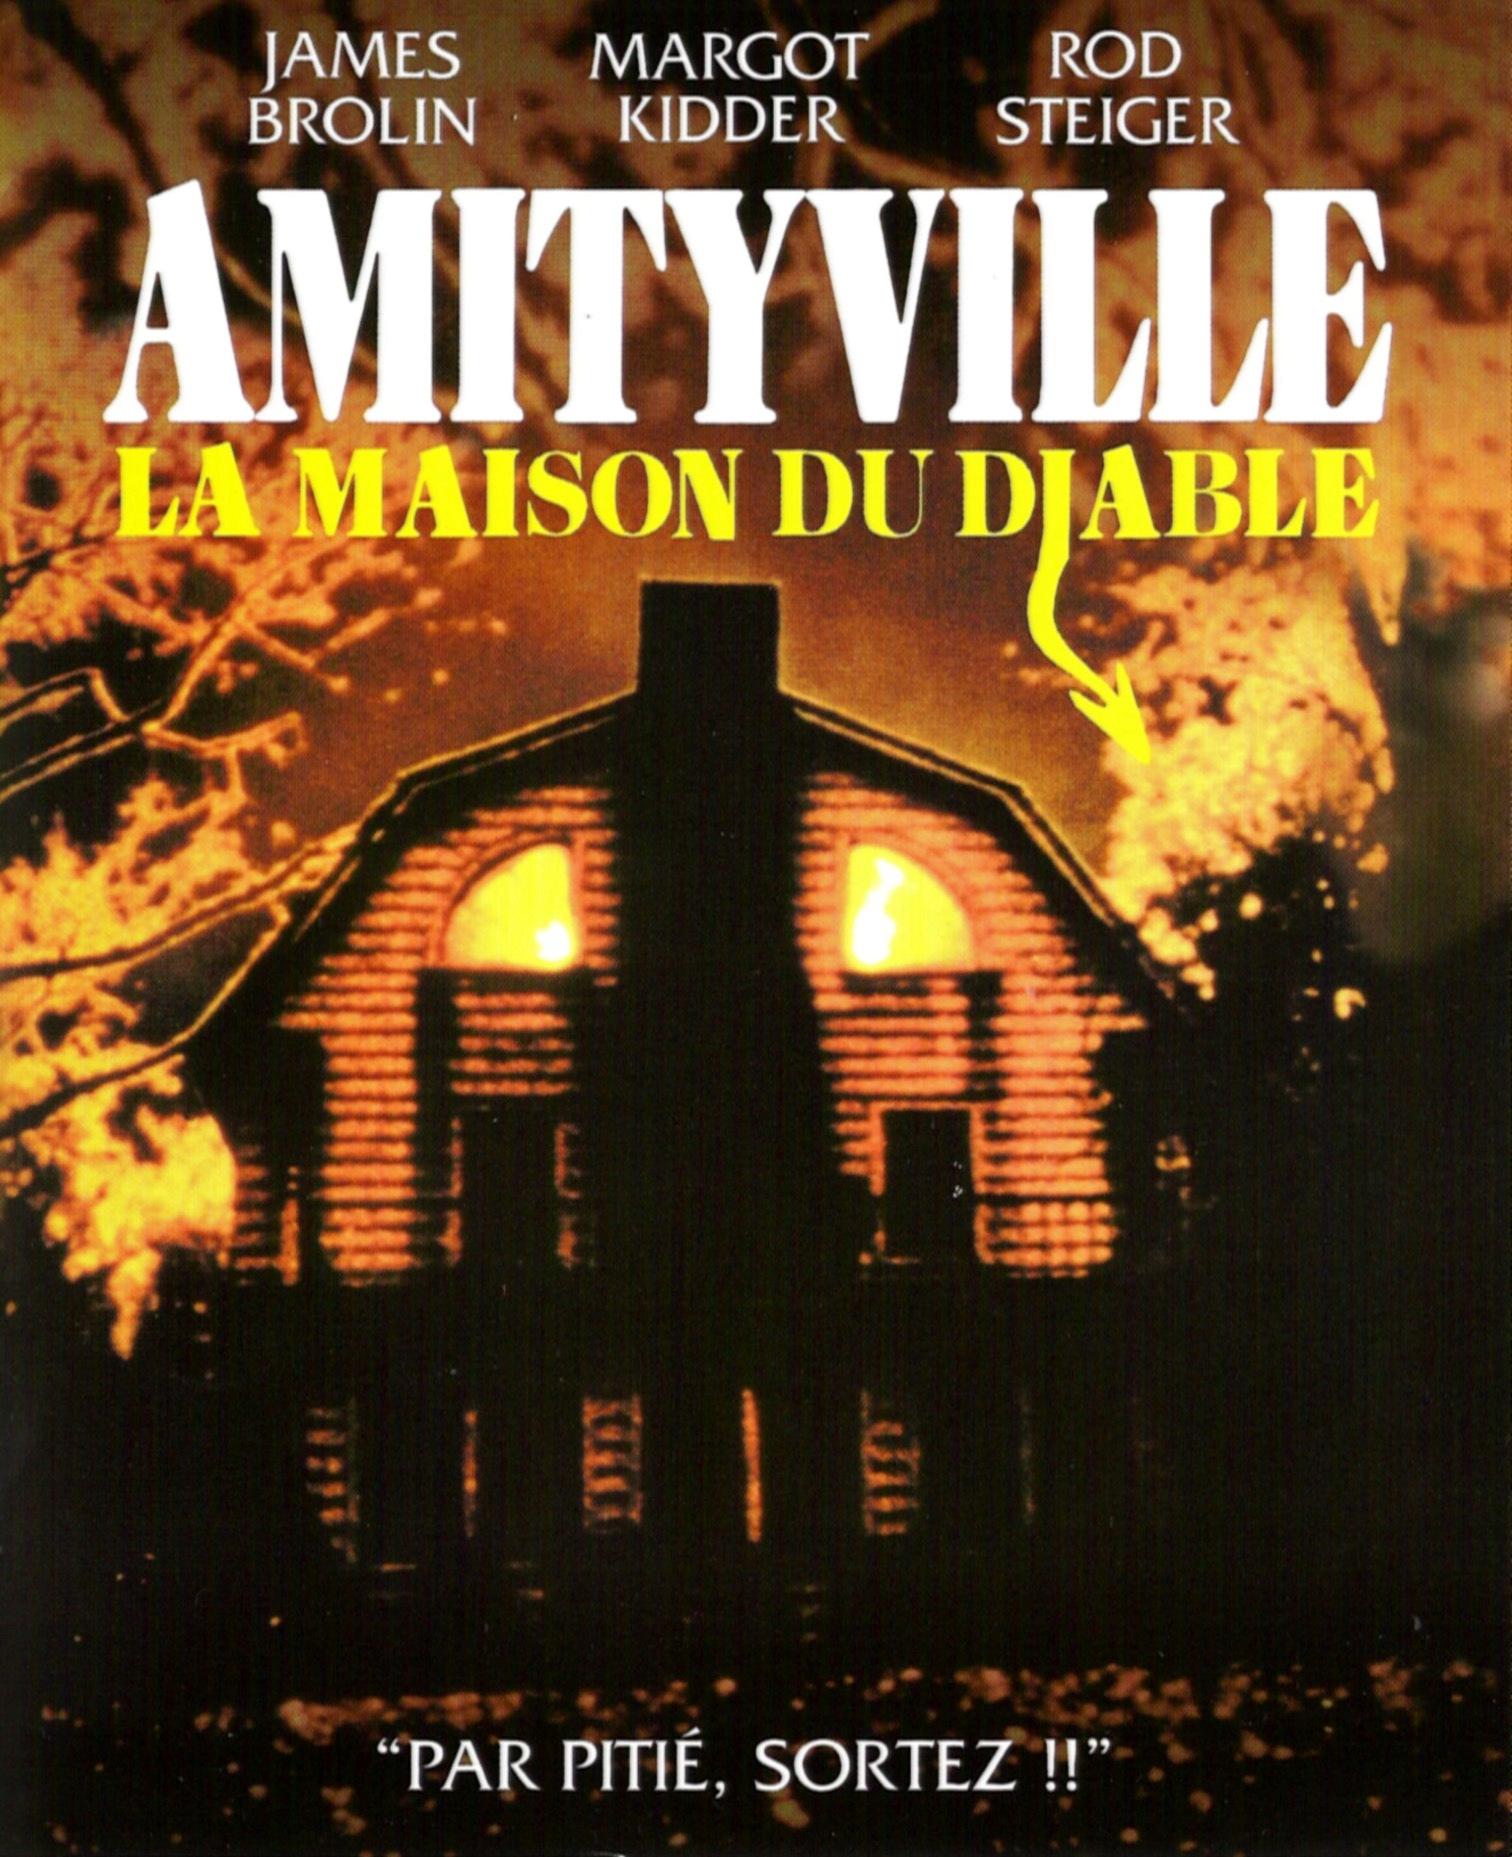 The amityville horror 1979 stuart rosenberg for Amityville la maison du diable film